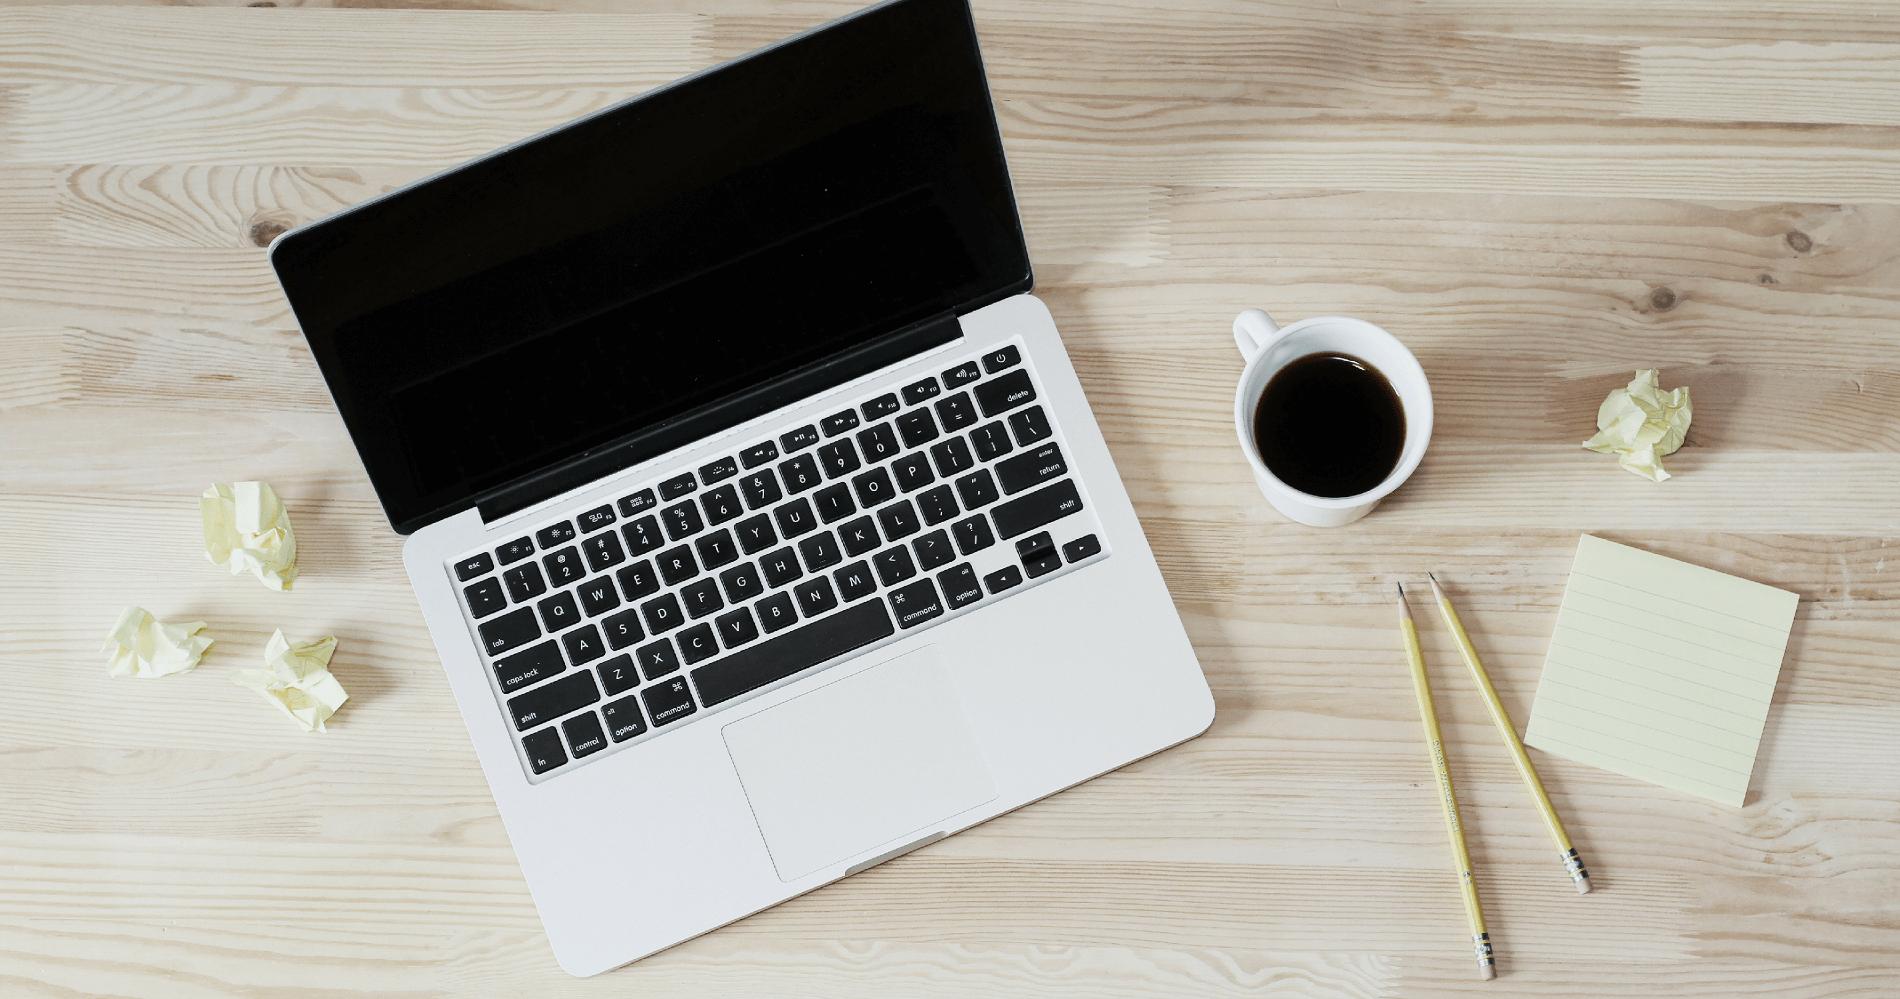 cómo conseguir contactos efectivos en linkedin